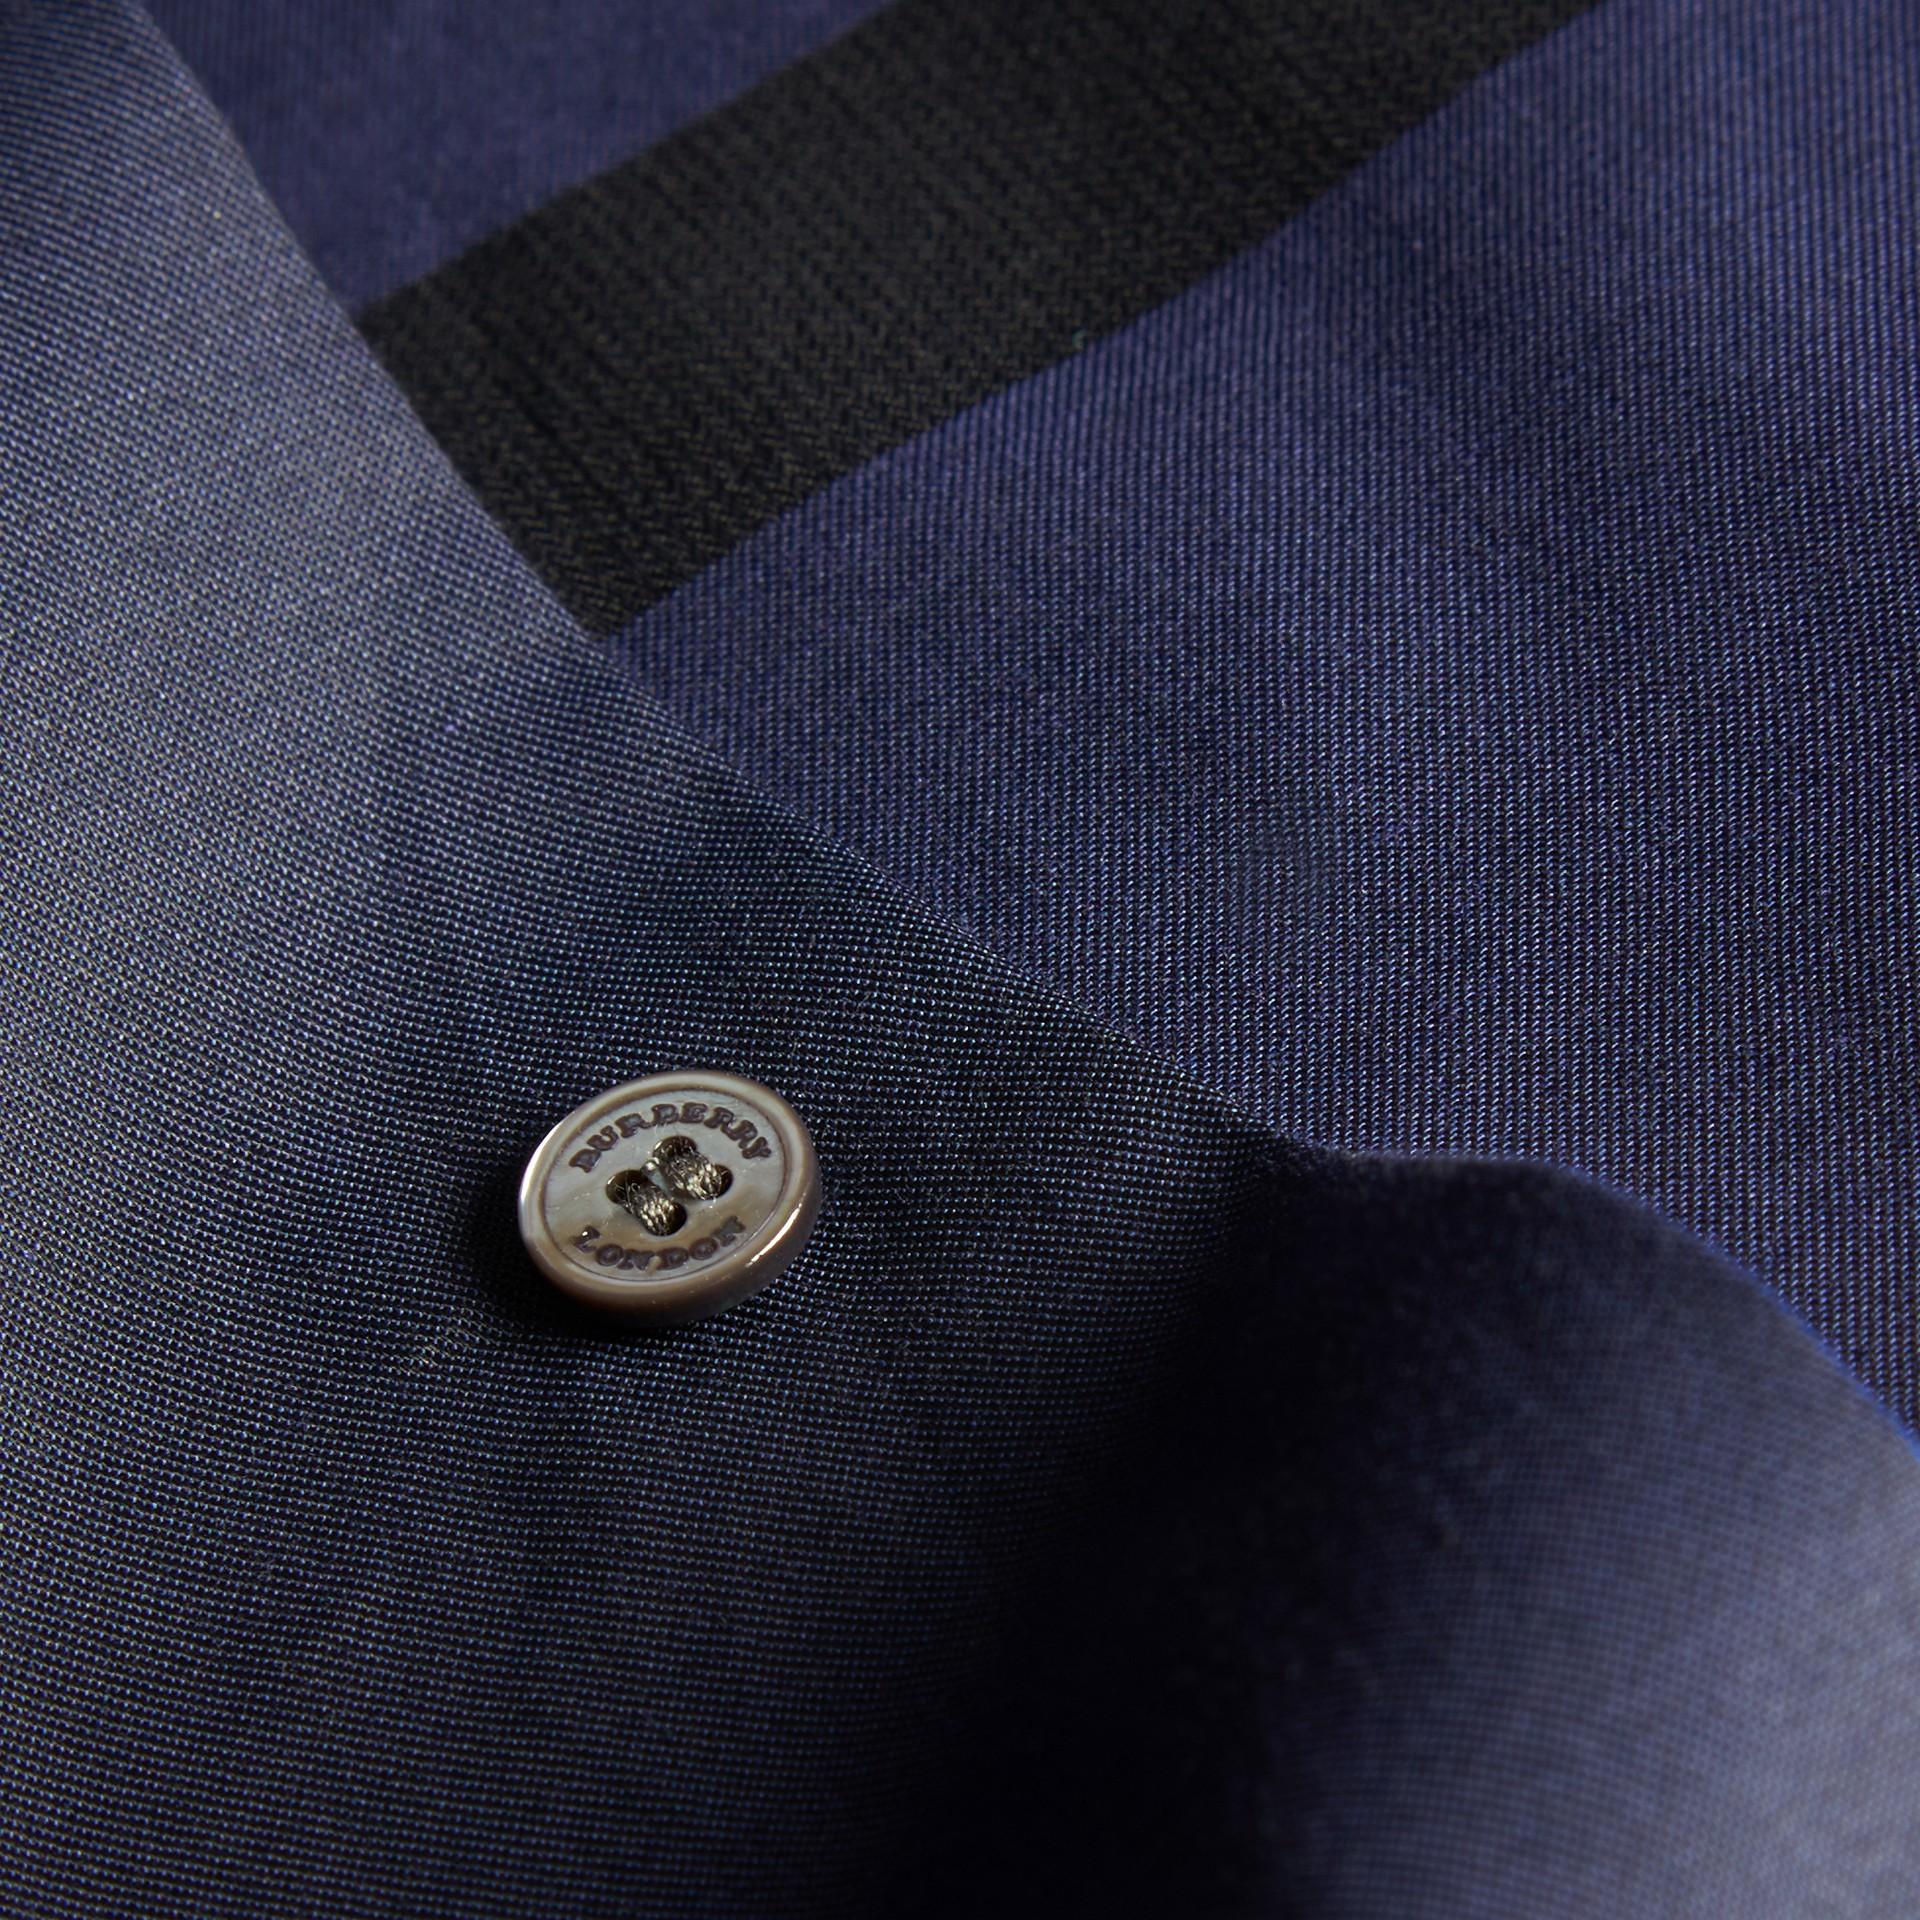 Azul marinho Camisa de algodão com estampa xadrez Azul Marinho - galeria de imagens 2